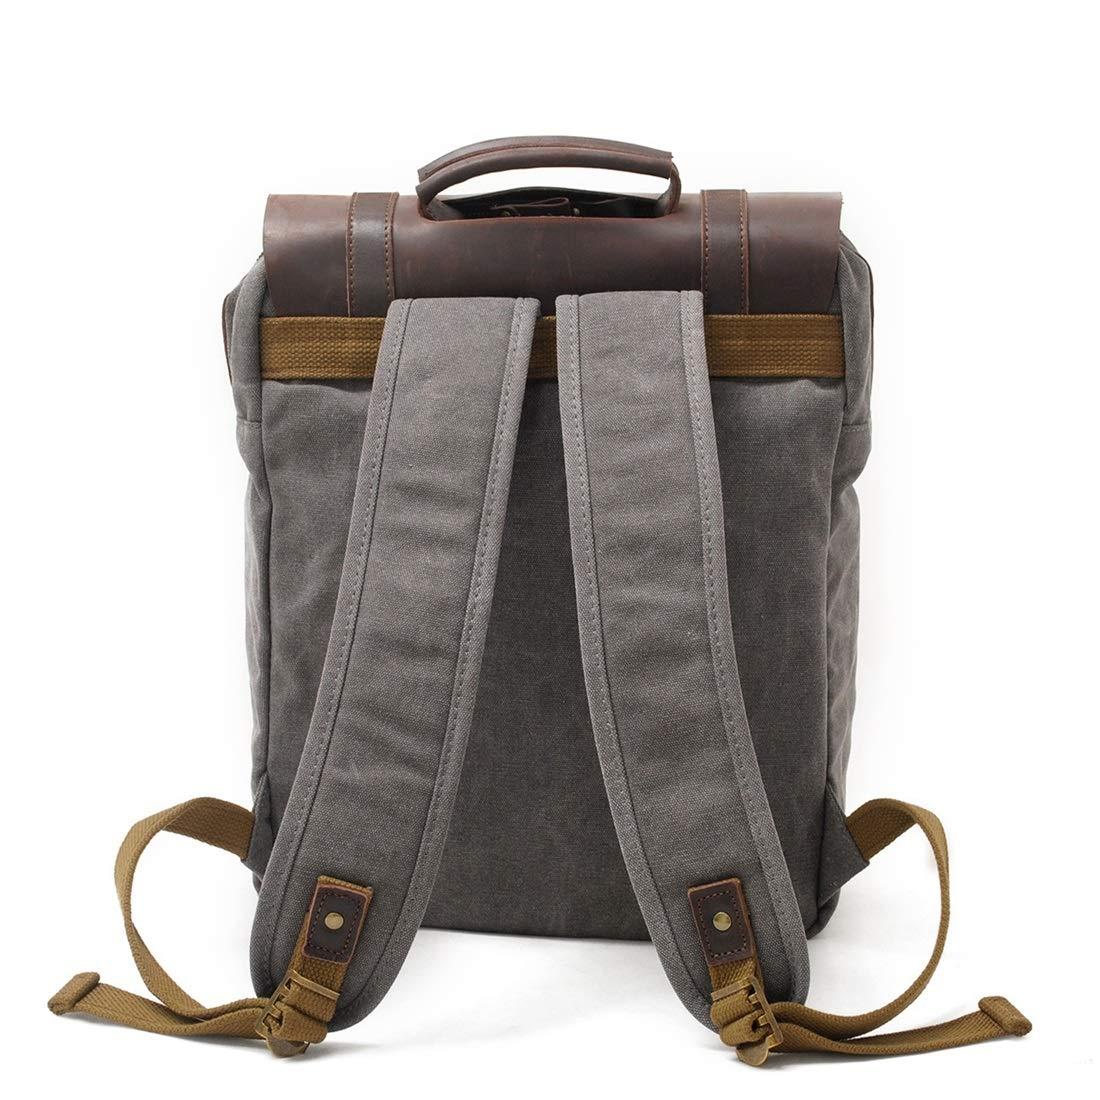 Ryggsäck män kanvas axelväskor messengerväska resväska man handväska crossbody väskor reseryggsäck för arbete affärer (färg: blå) Rosenröd